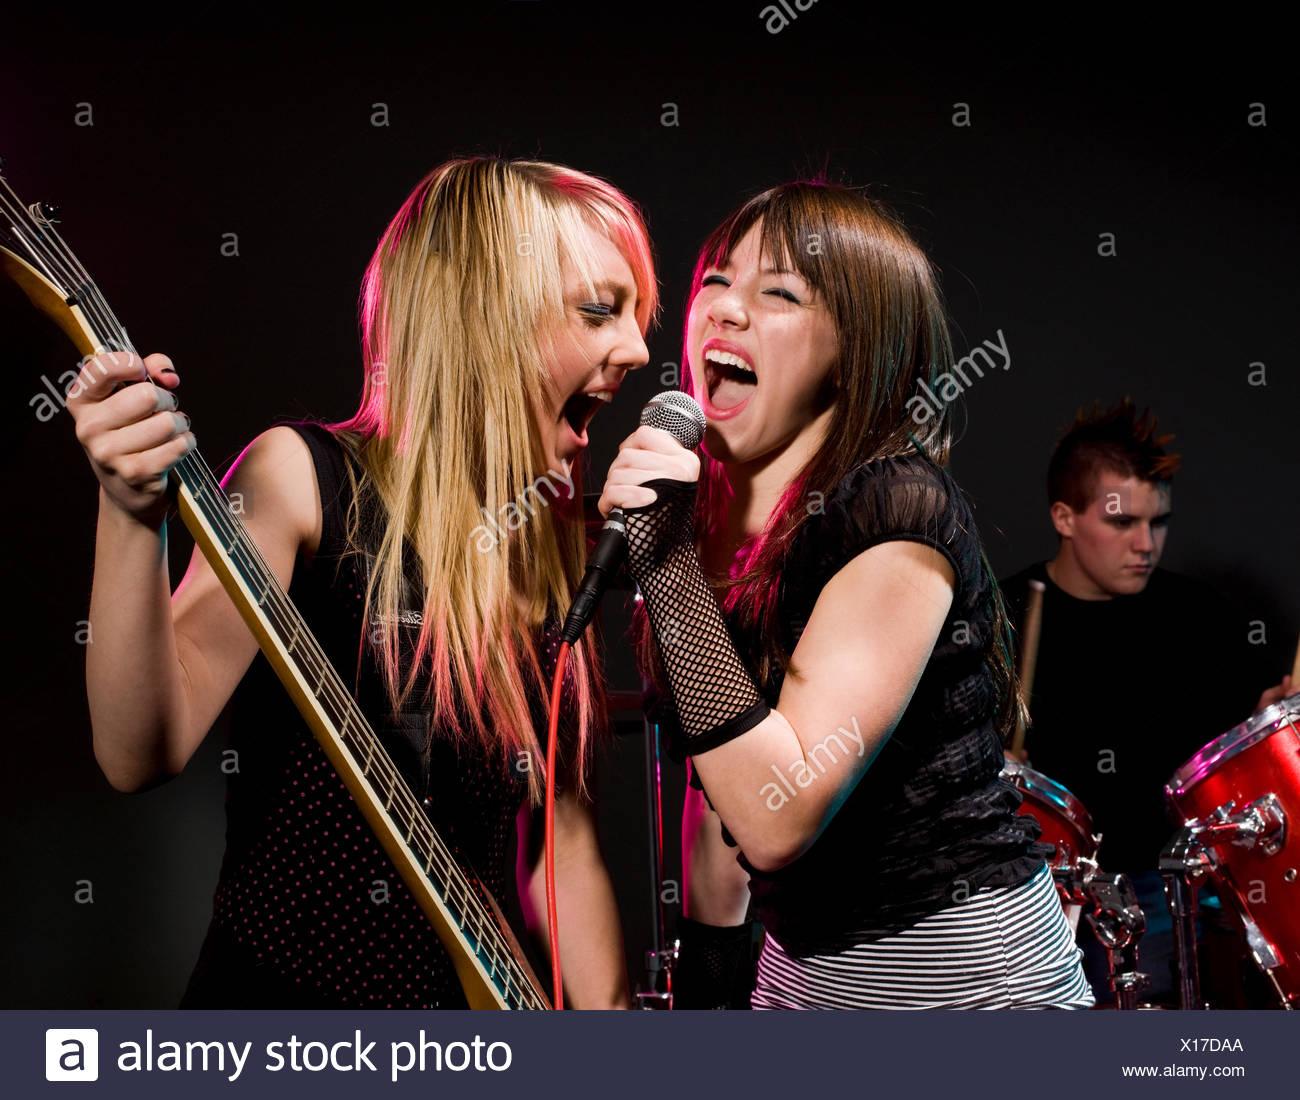 teenage rock band - Stock Image